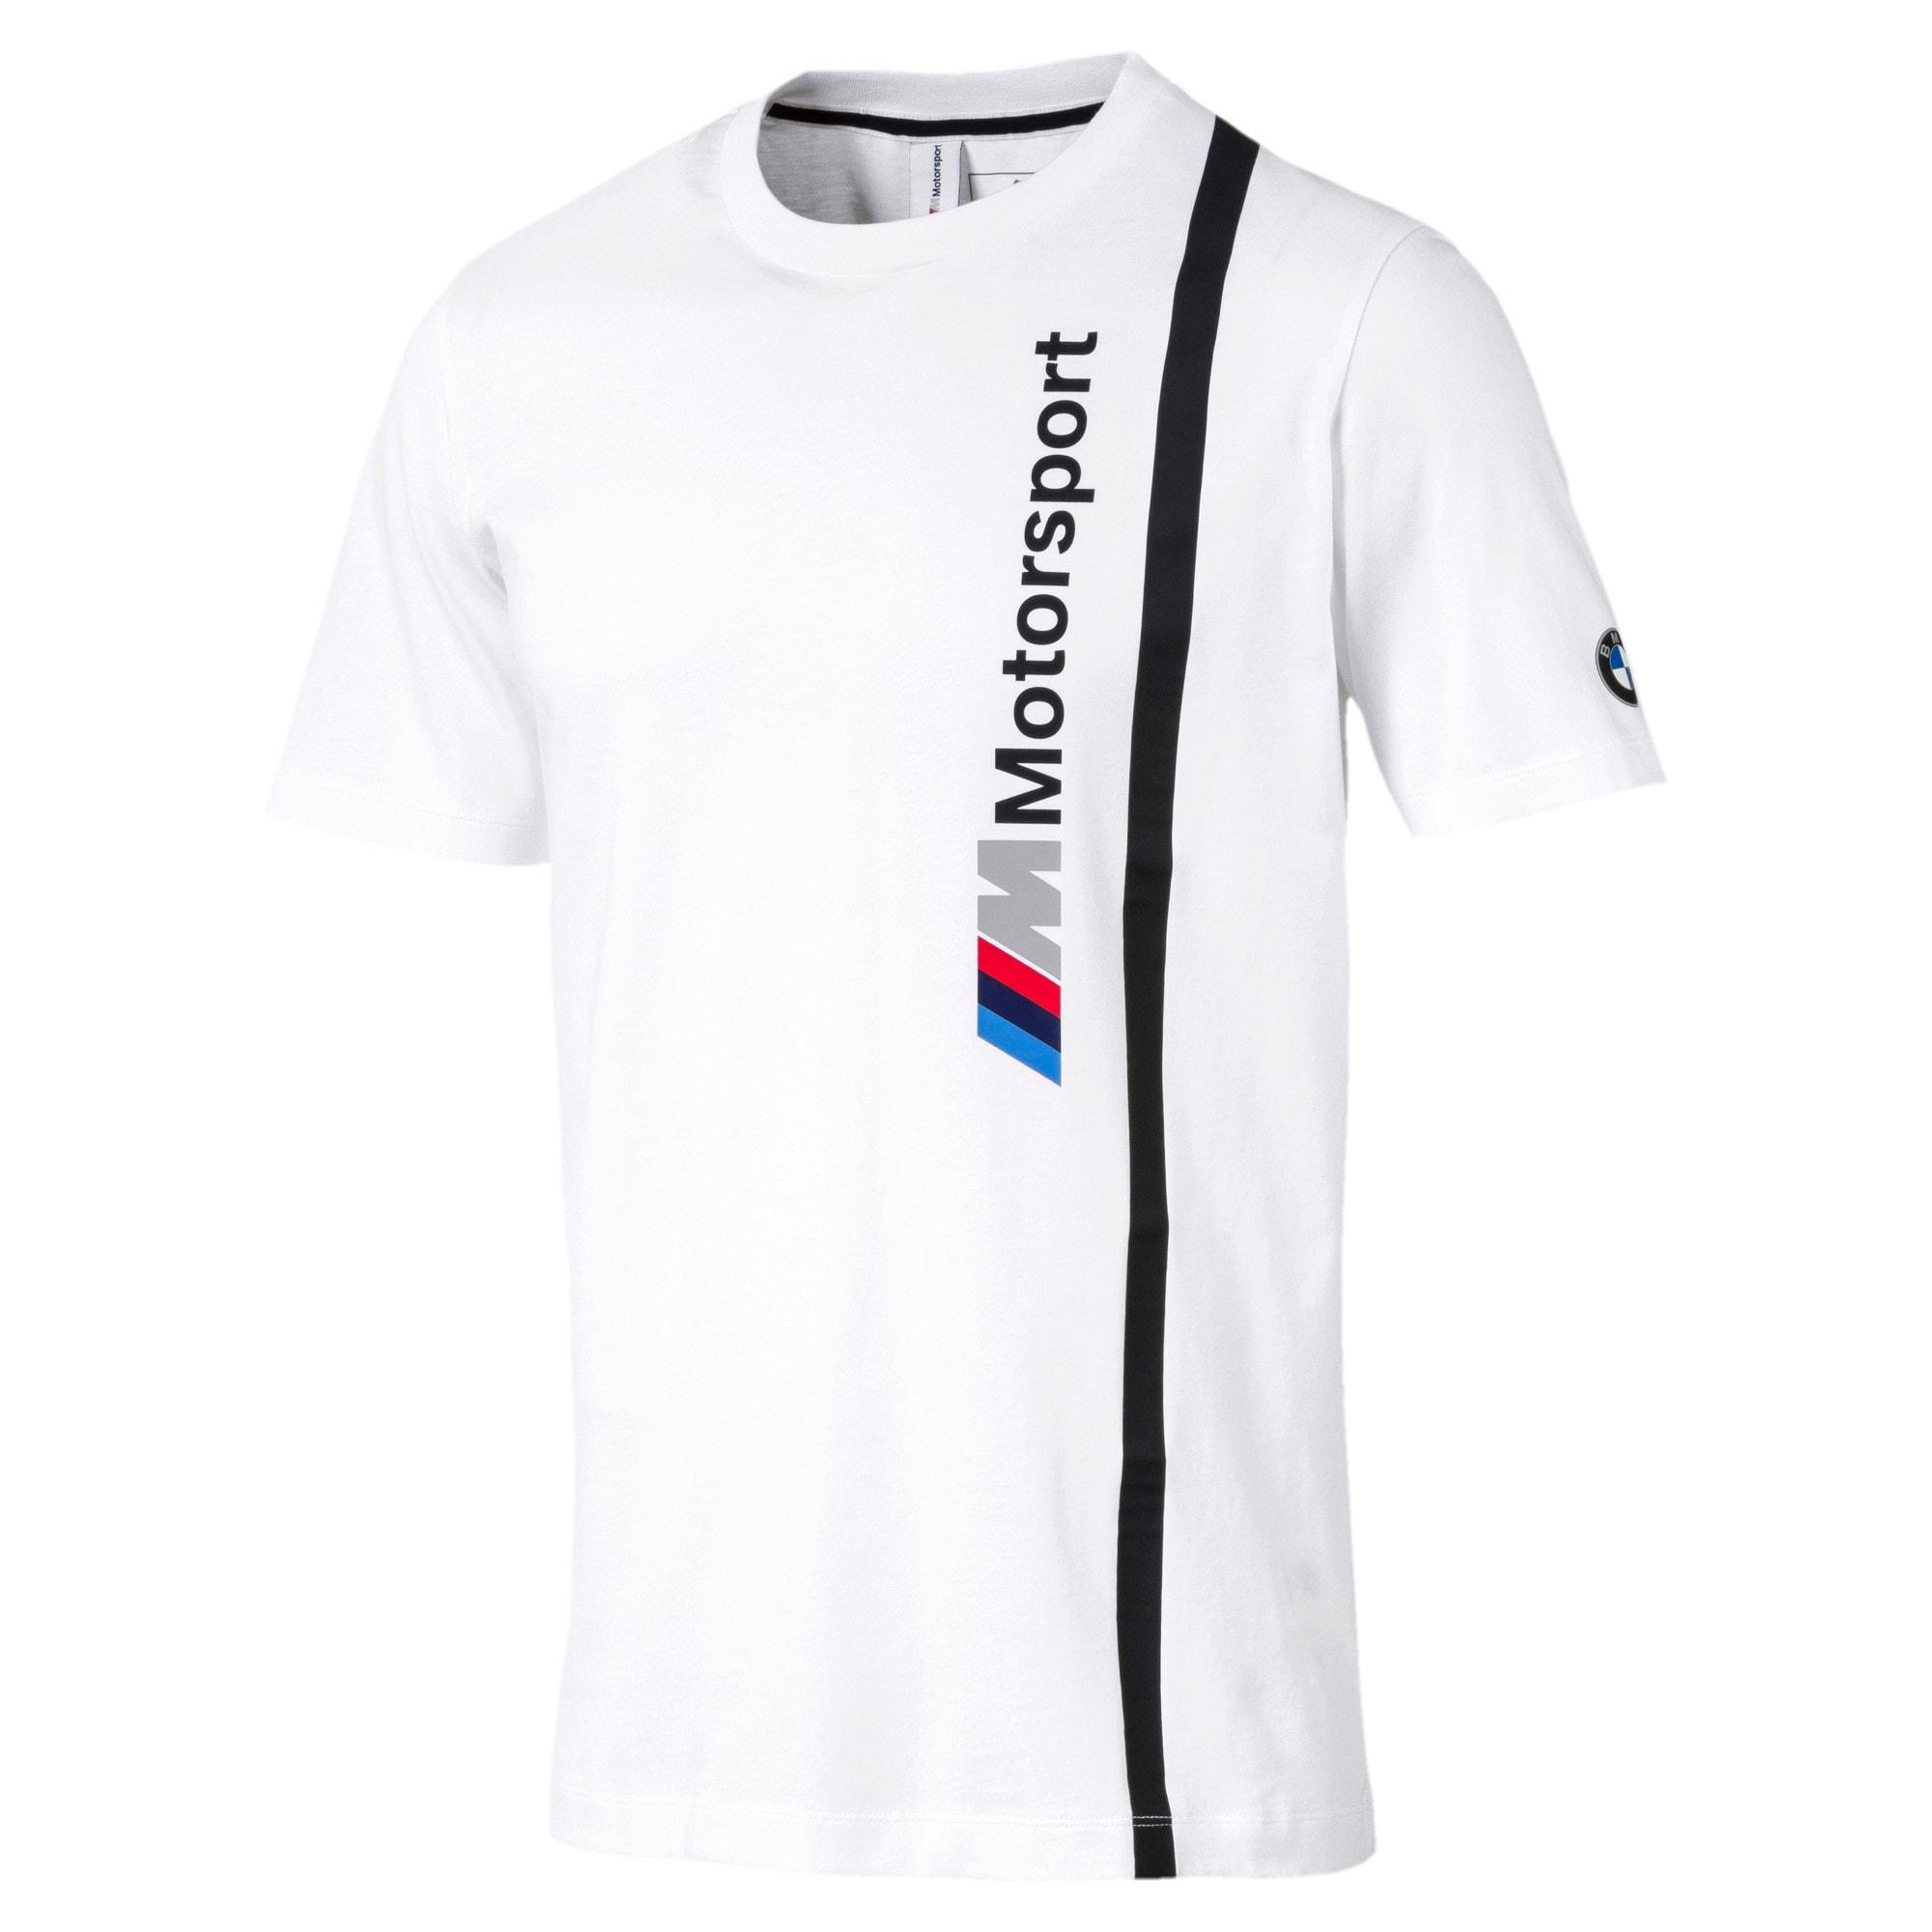 Thumbnail 3 of BMW M Motorsport Men's Logo T-Shirt, Puma White, medium-IND